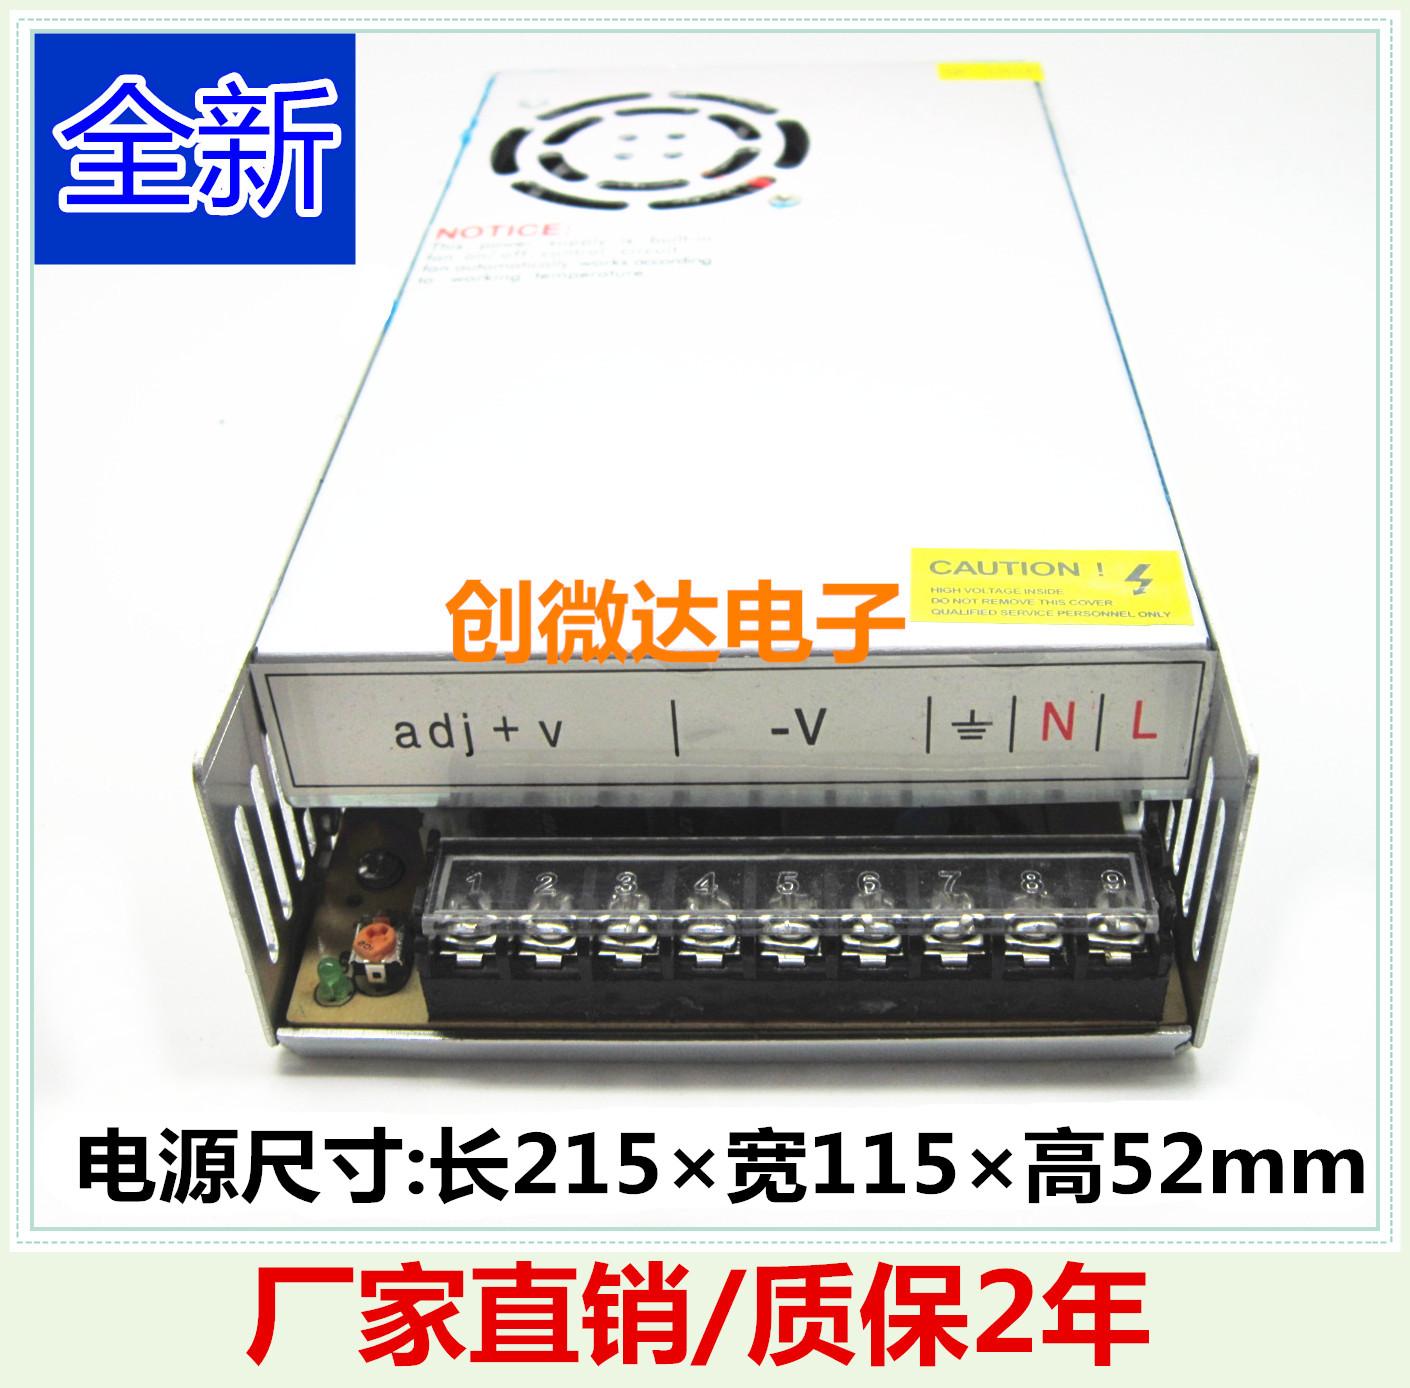 110V-220V AC AC 24V 15A DC/DC 24 Vac мощность трансформатора 360W импульсный источник питания